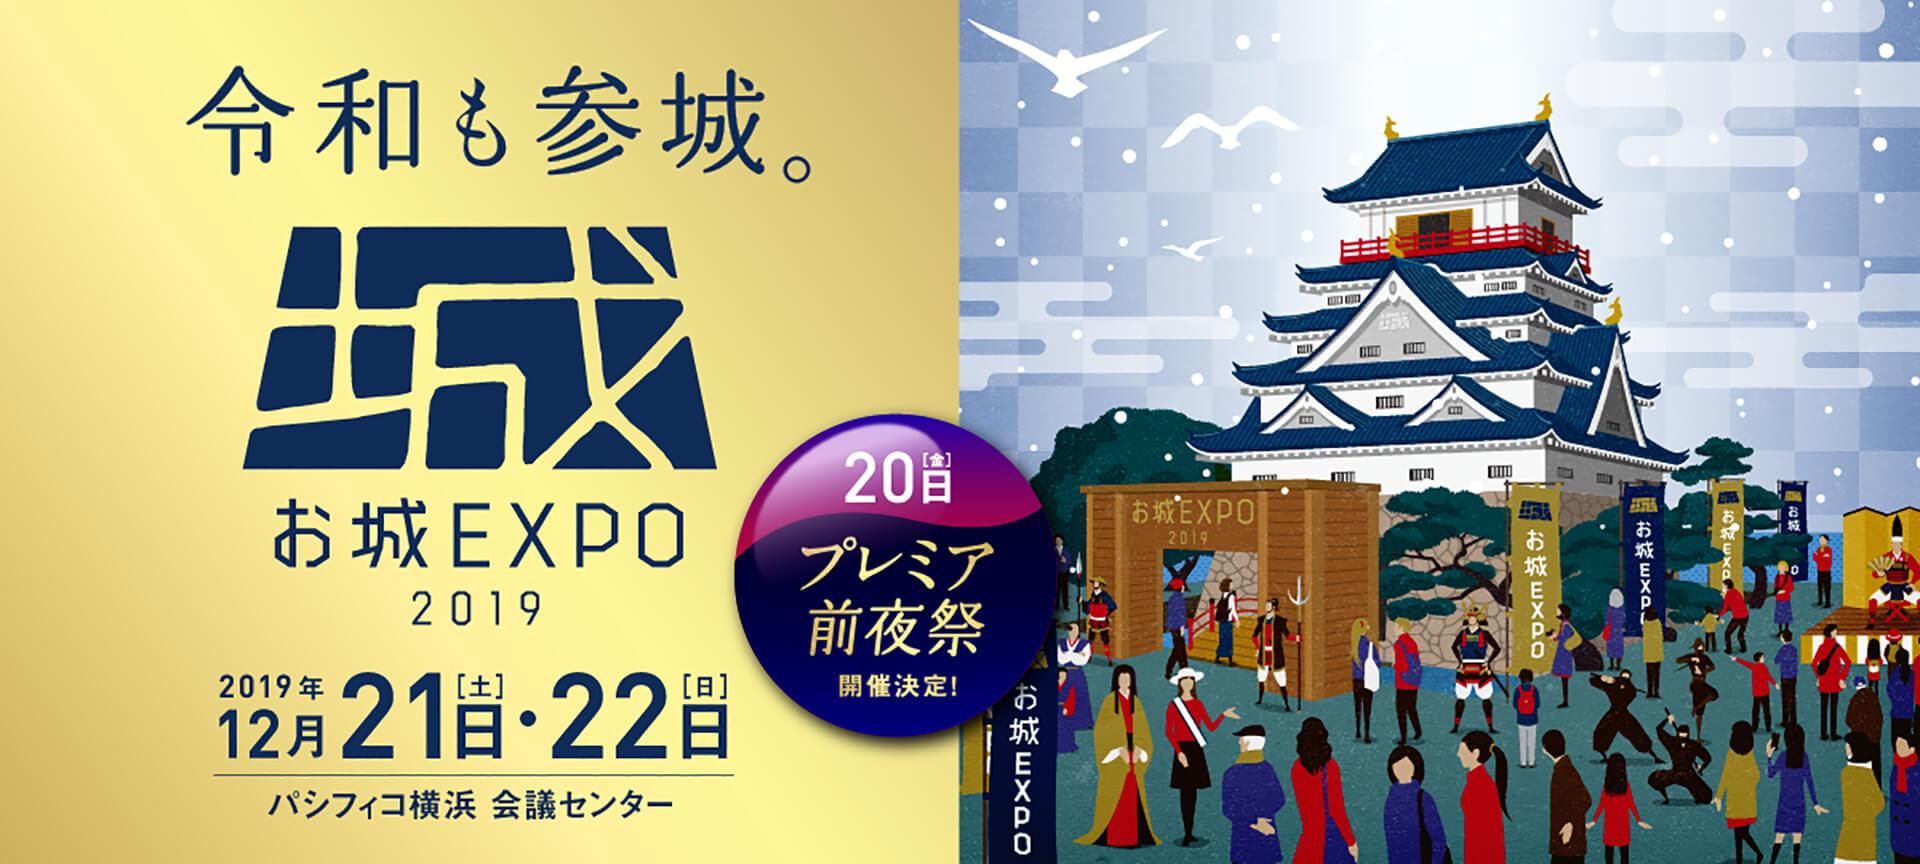 お城EXPO 2019バナー